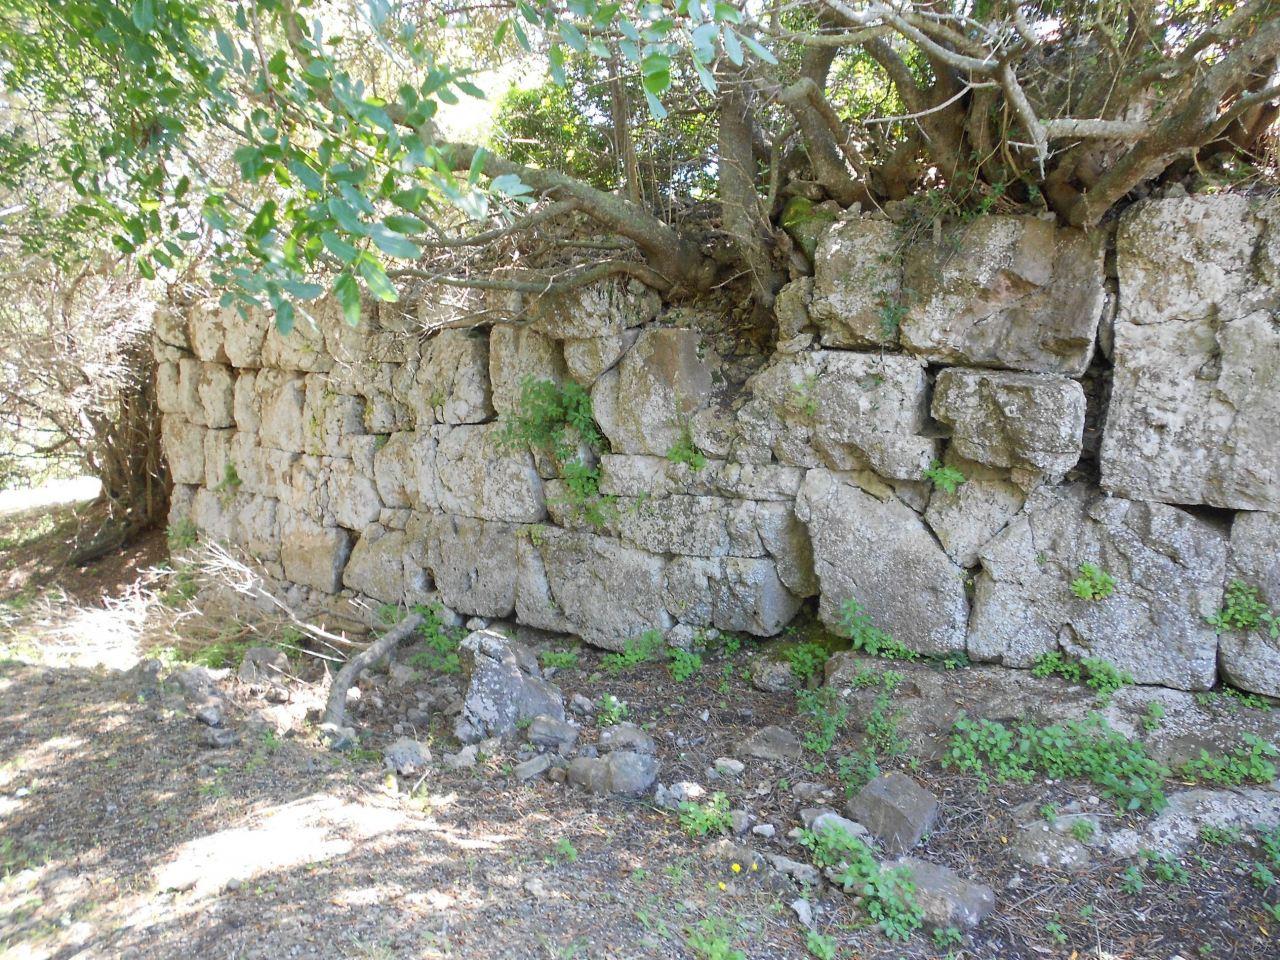 Cosa-Mura-Megalitiche-Ansedonia-Grosseto-Toscana-Italia-42